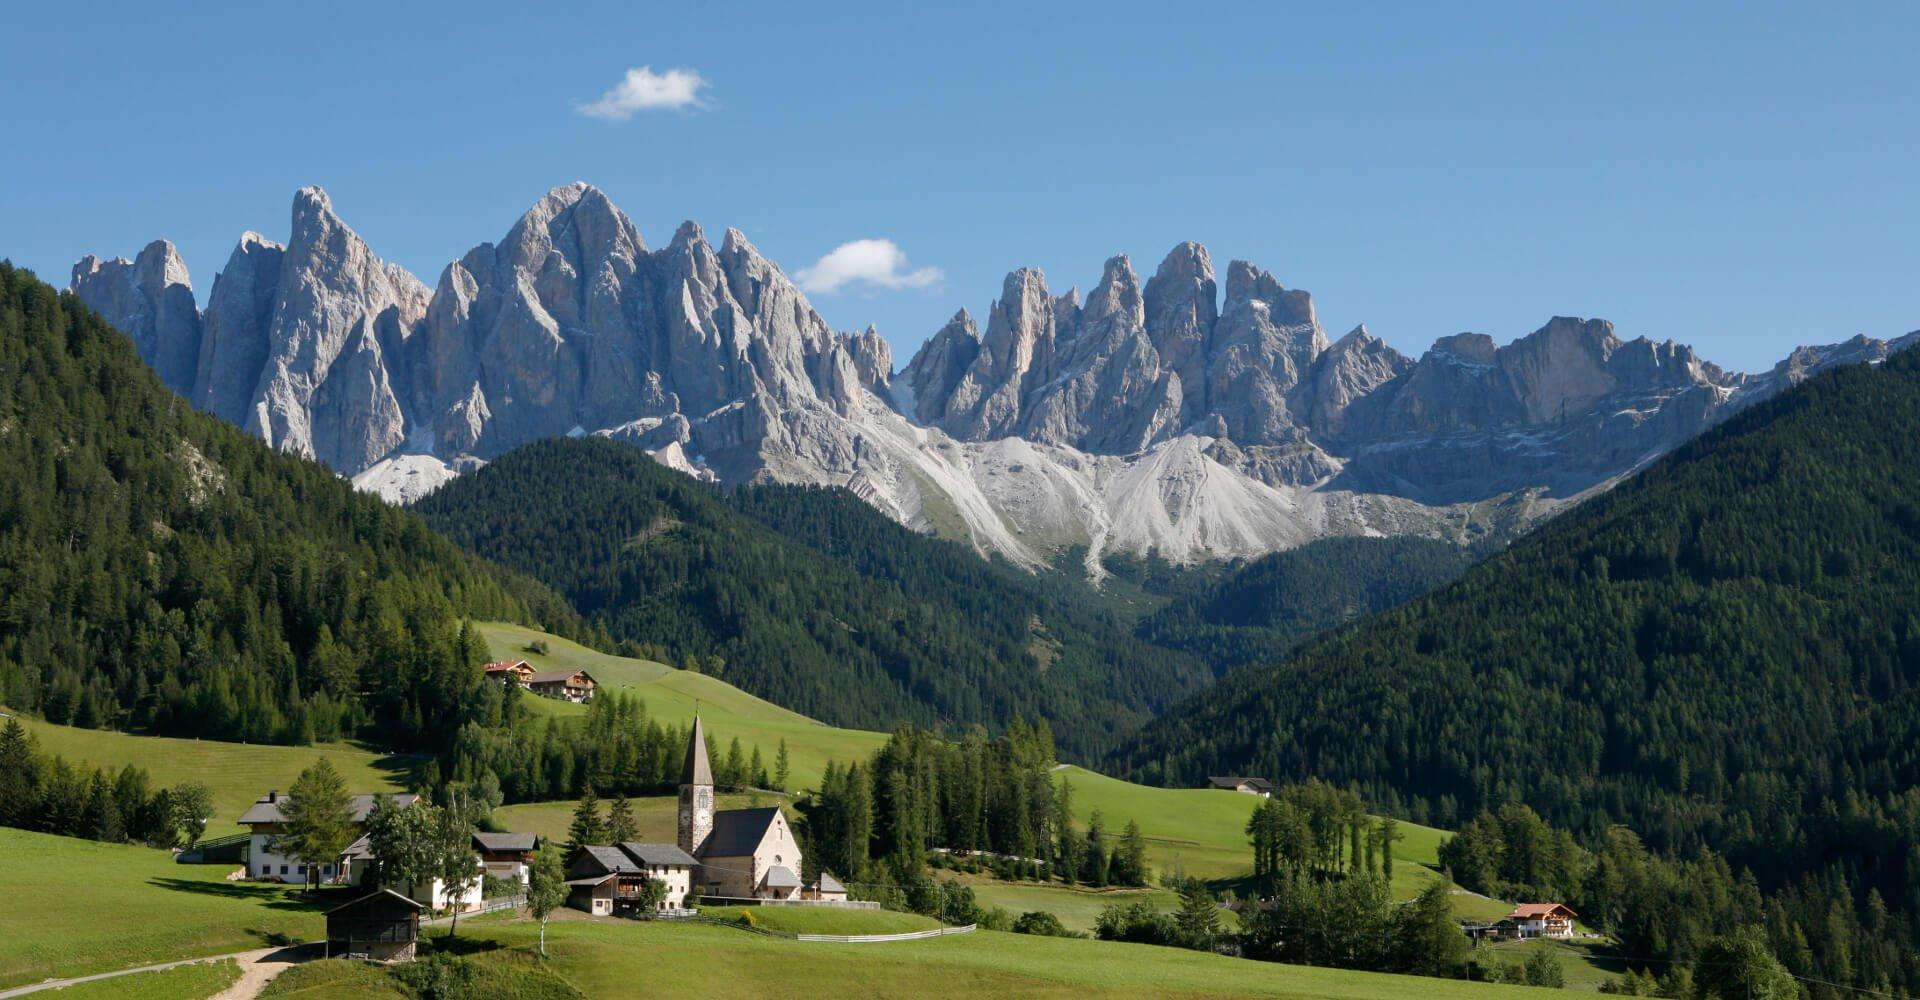 Wanderurlaub Südtirol - Urlaub in den Bergen